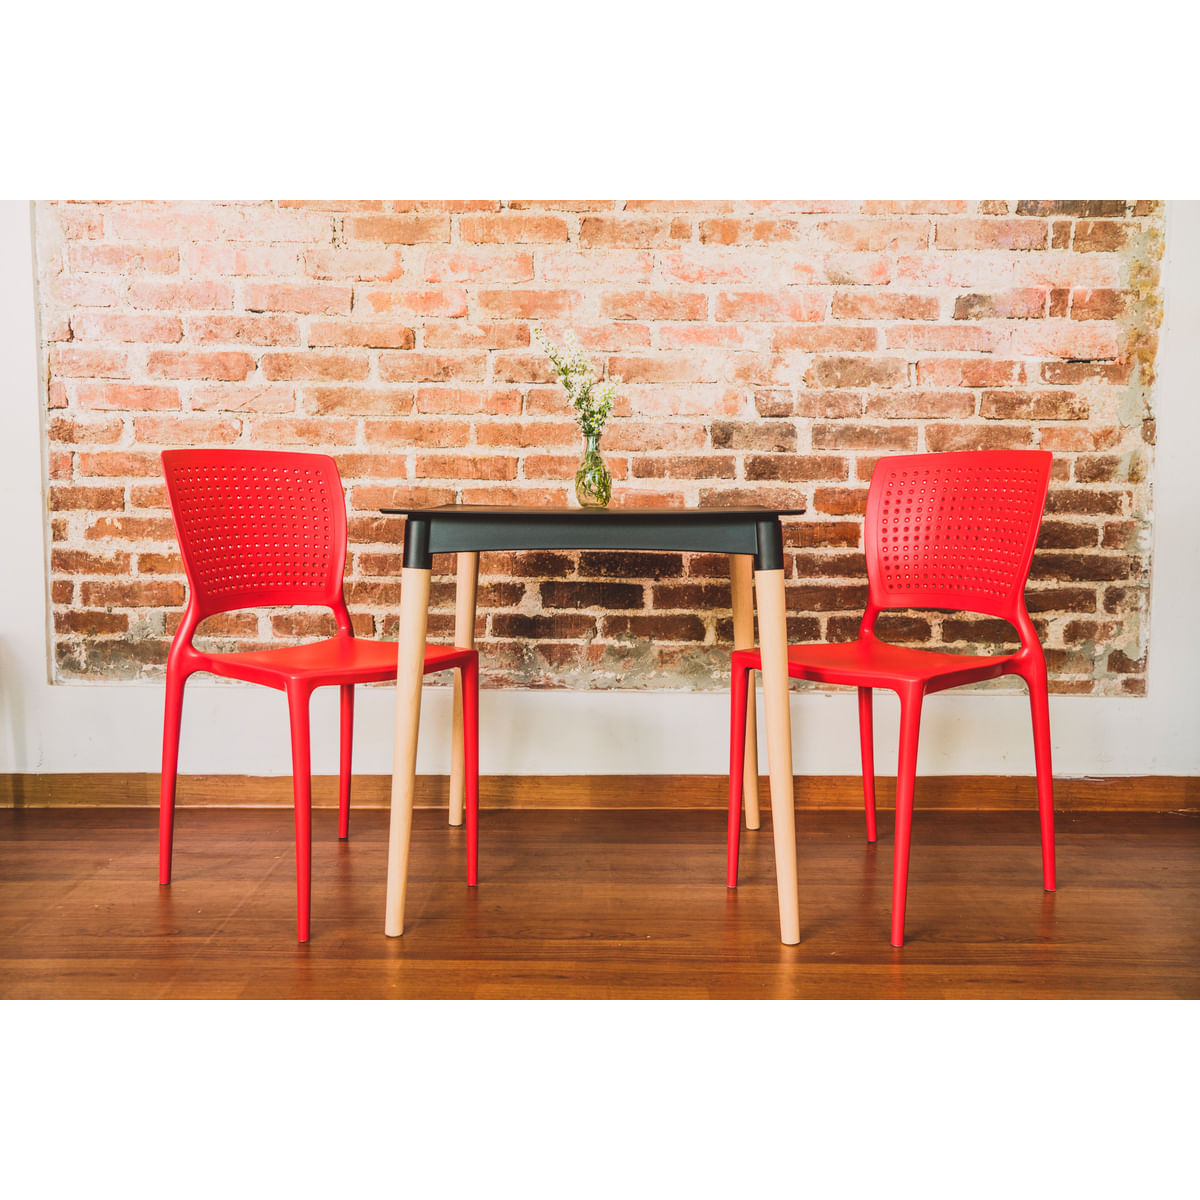 Cadeira Tramontina Safira Vermelha em Polipropileno e Fibra de Vidro